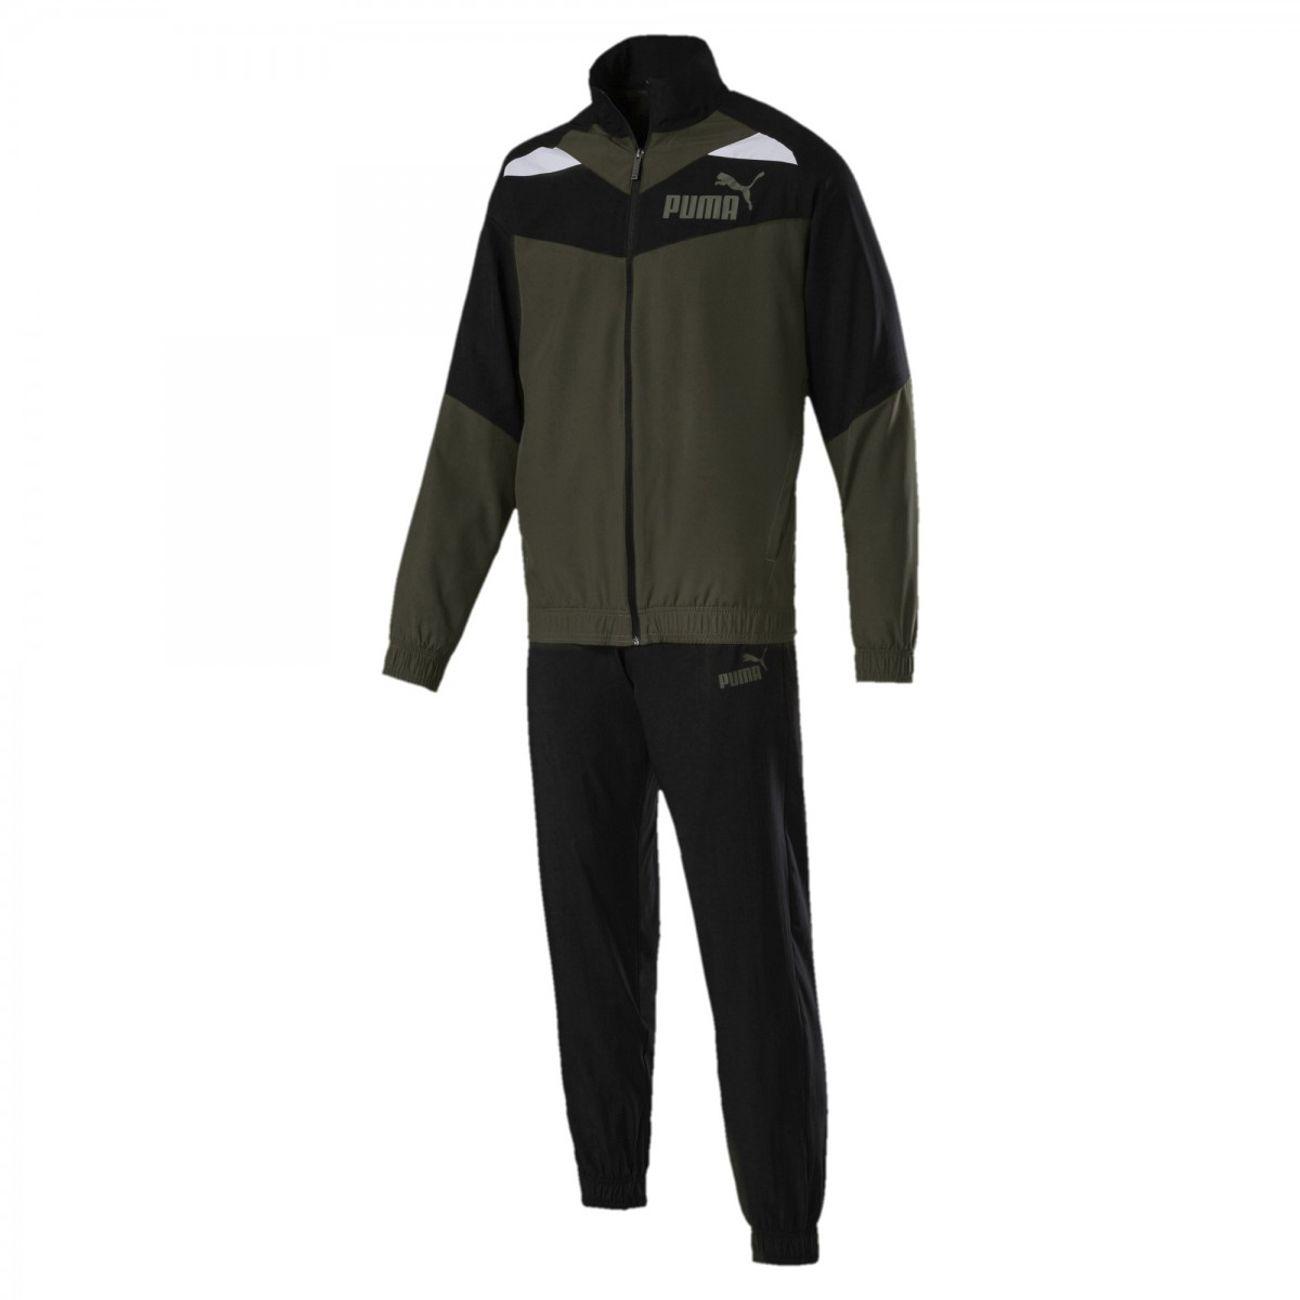 Ensemble de survêtement Puma Iconic Woven Suit CL 851564